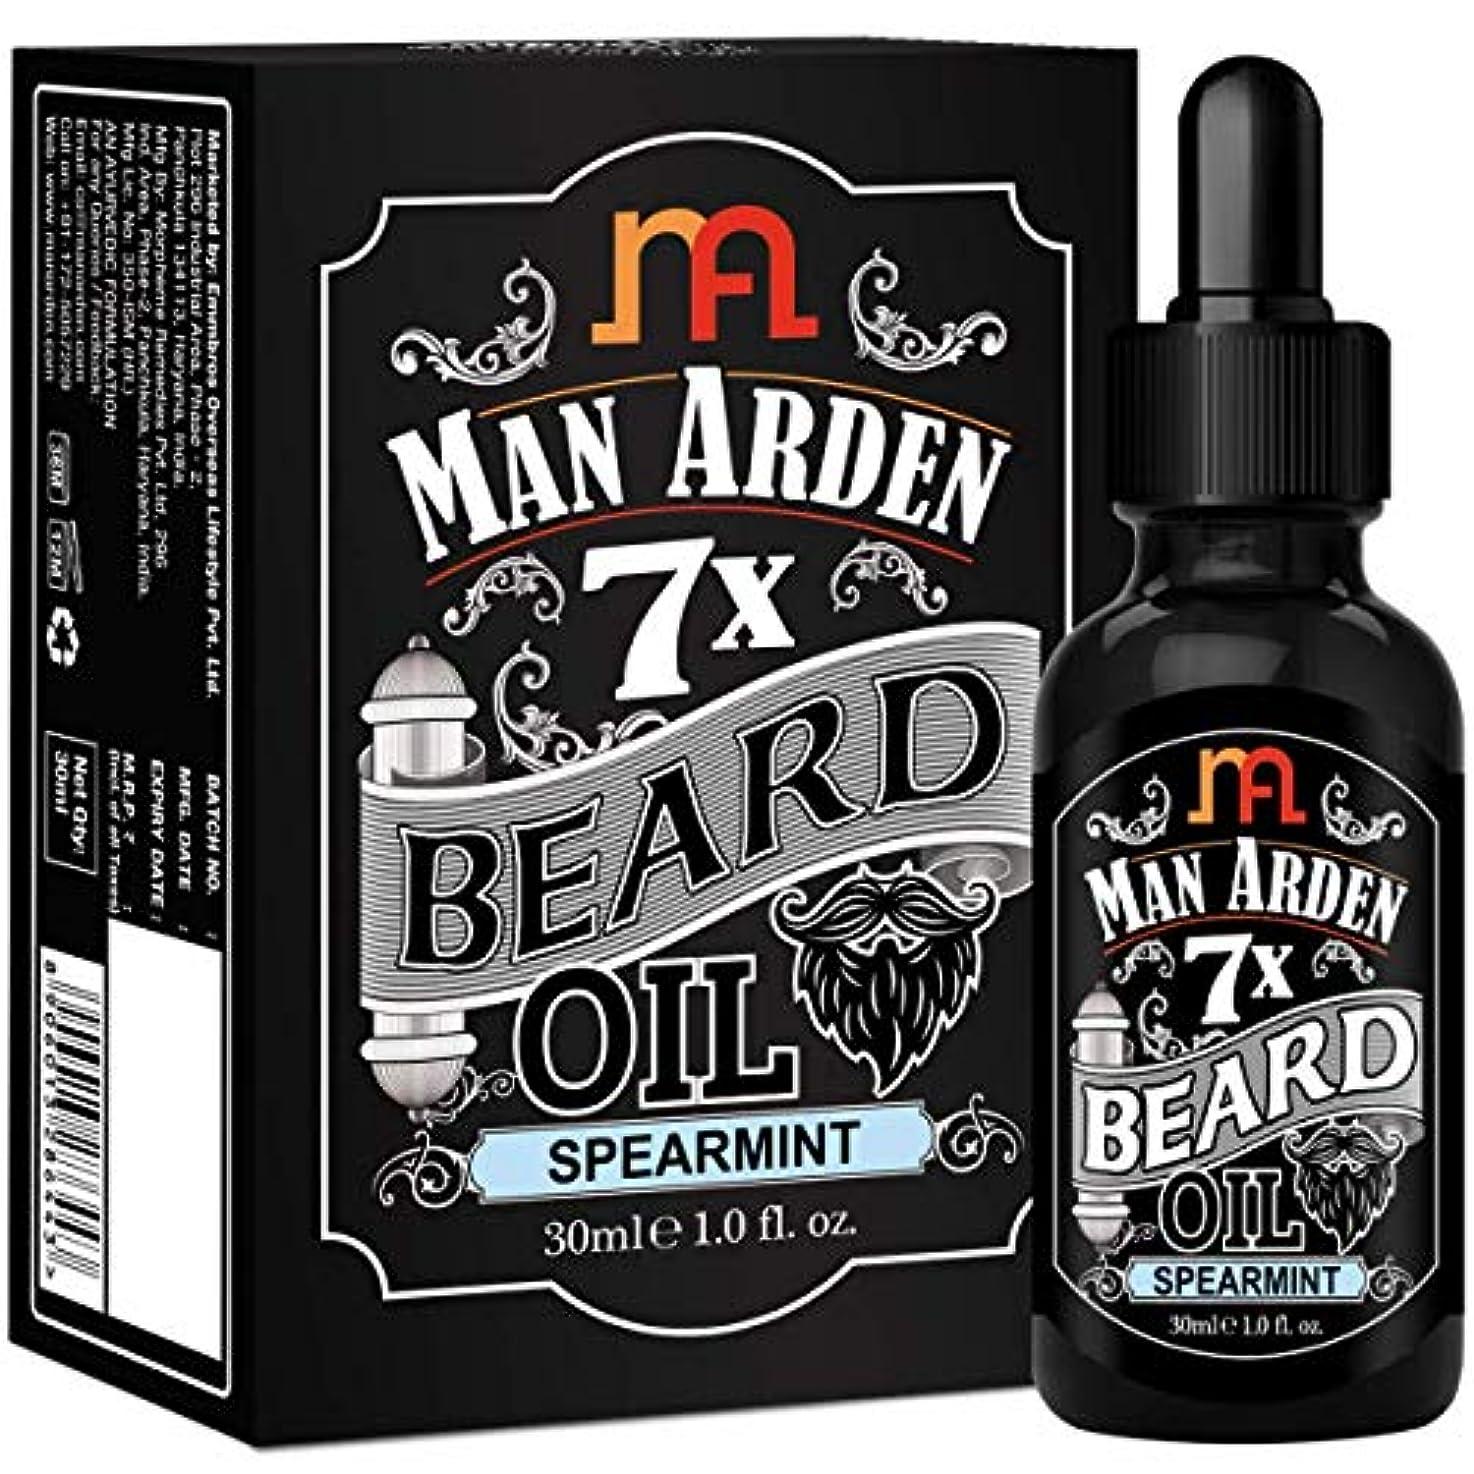 無駄なスラム街密度Man Arden 7X Beard Oil 30ml (Spearmint) - 7 Premium Oils For Beard Growth & Nourishment